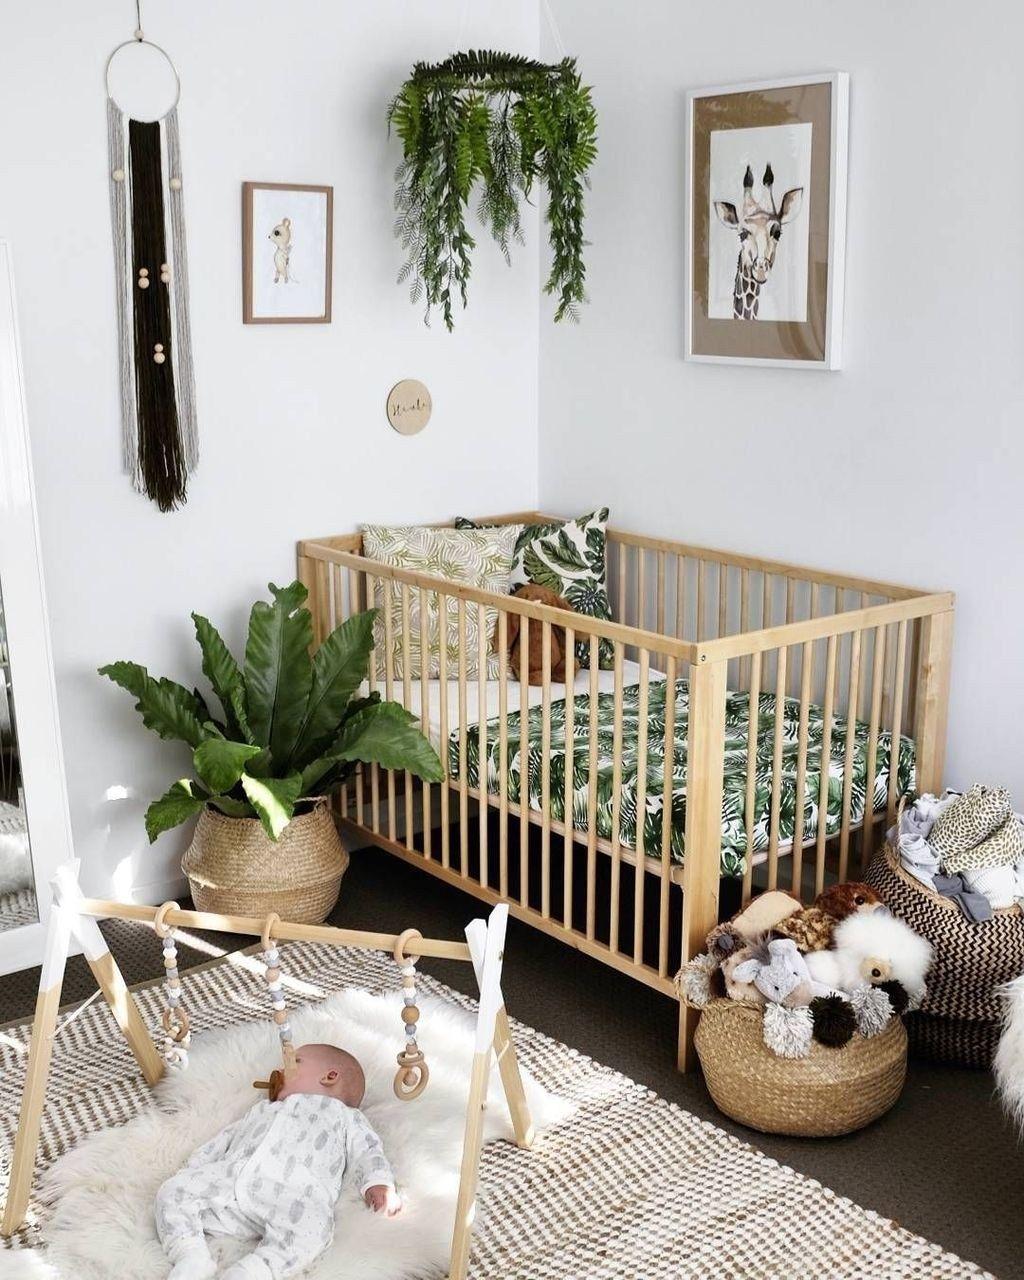 47 + Creative Baby Nursery Decor Ideas images